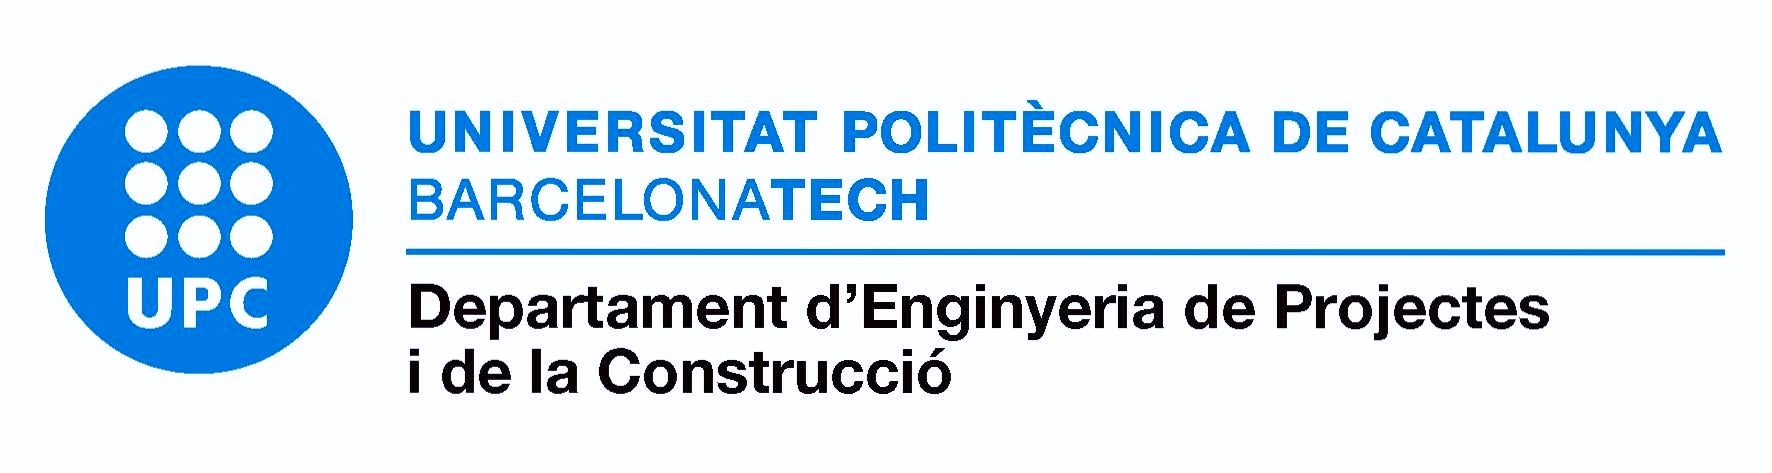 Departament EPC, (abre en ventana nueva)